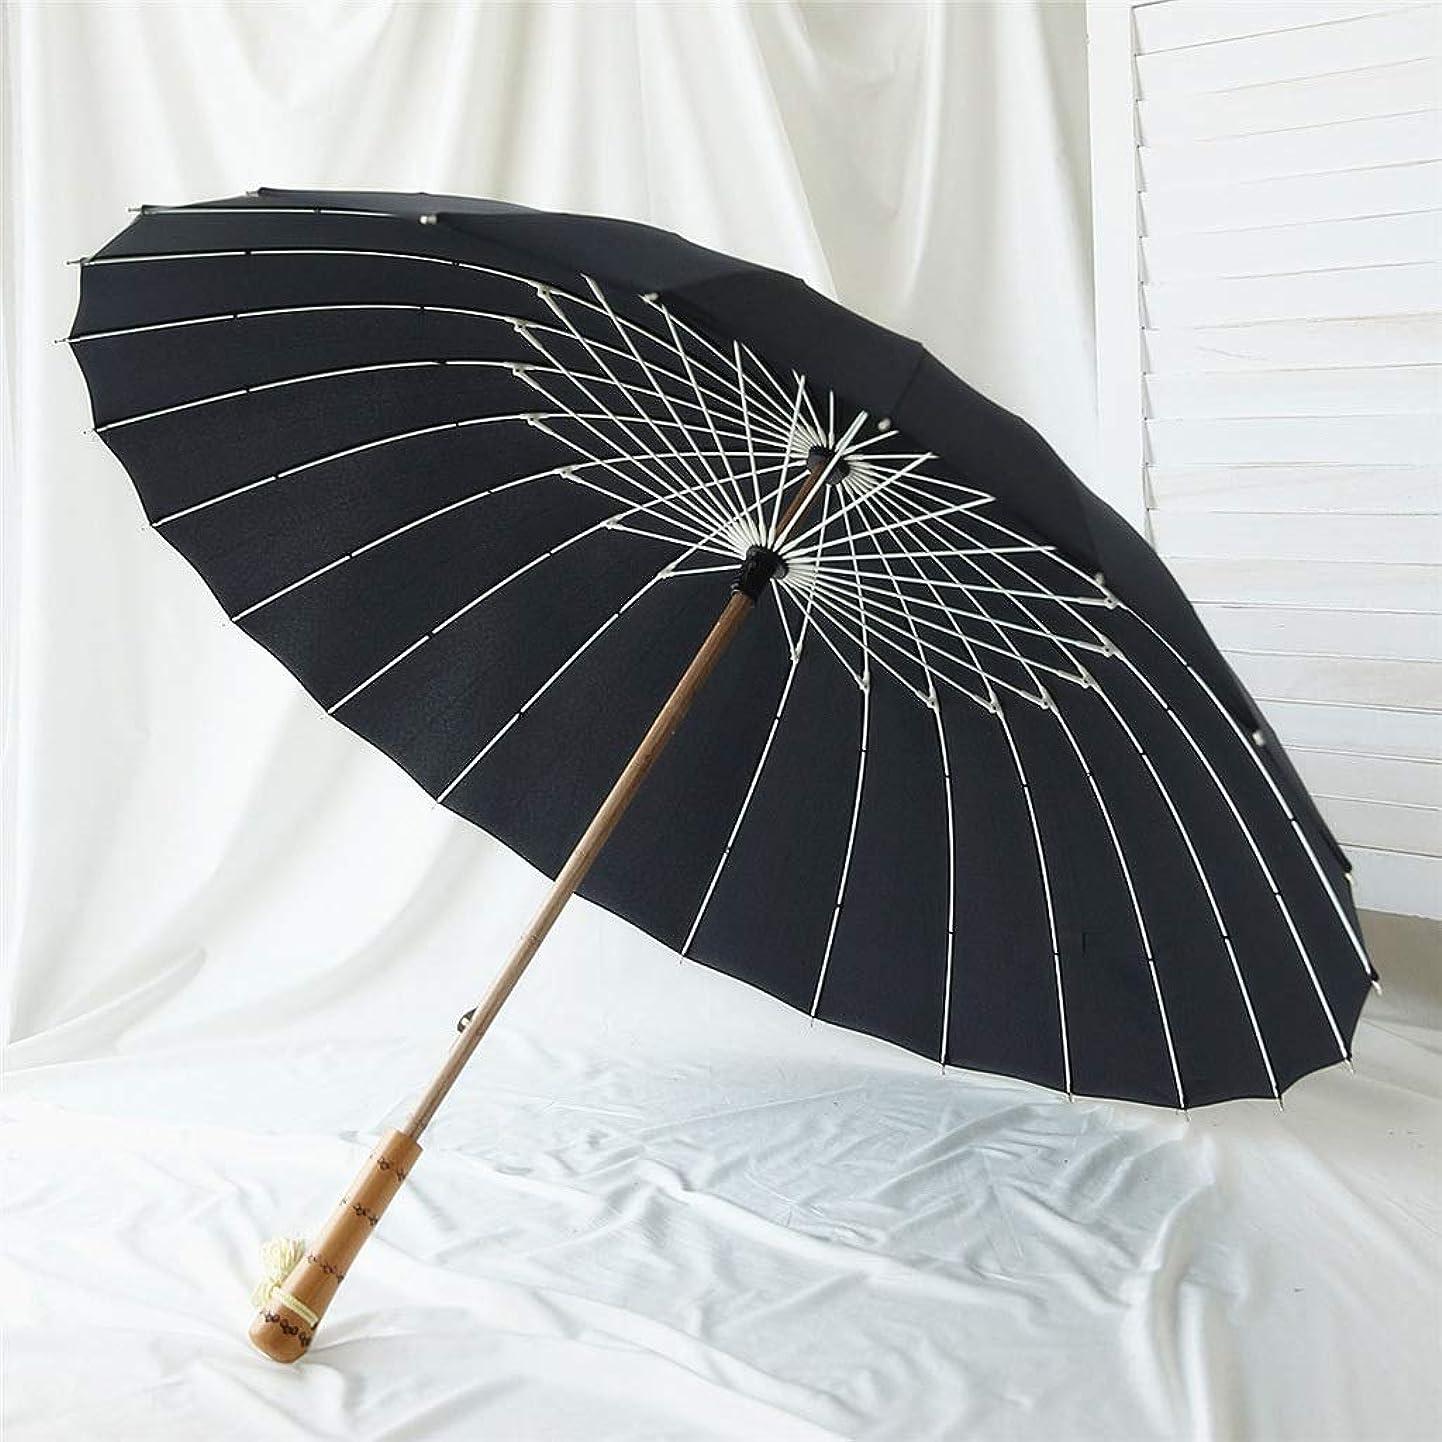 オデュッセウス染料疑い者RXY-傘 レトロ風ウッドストレートハンドル傘、男性と女性のための防風24K繊維骨竹ロングハンドル傘 (Color : Black)